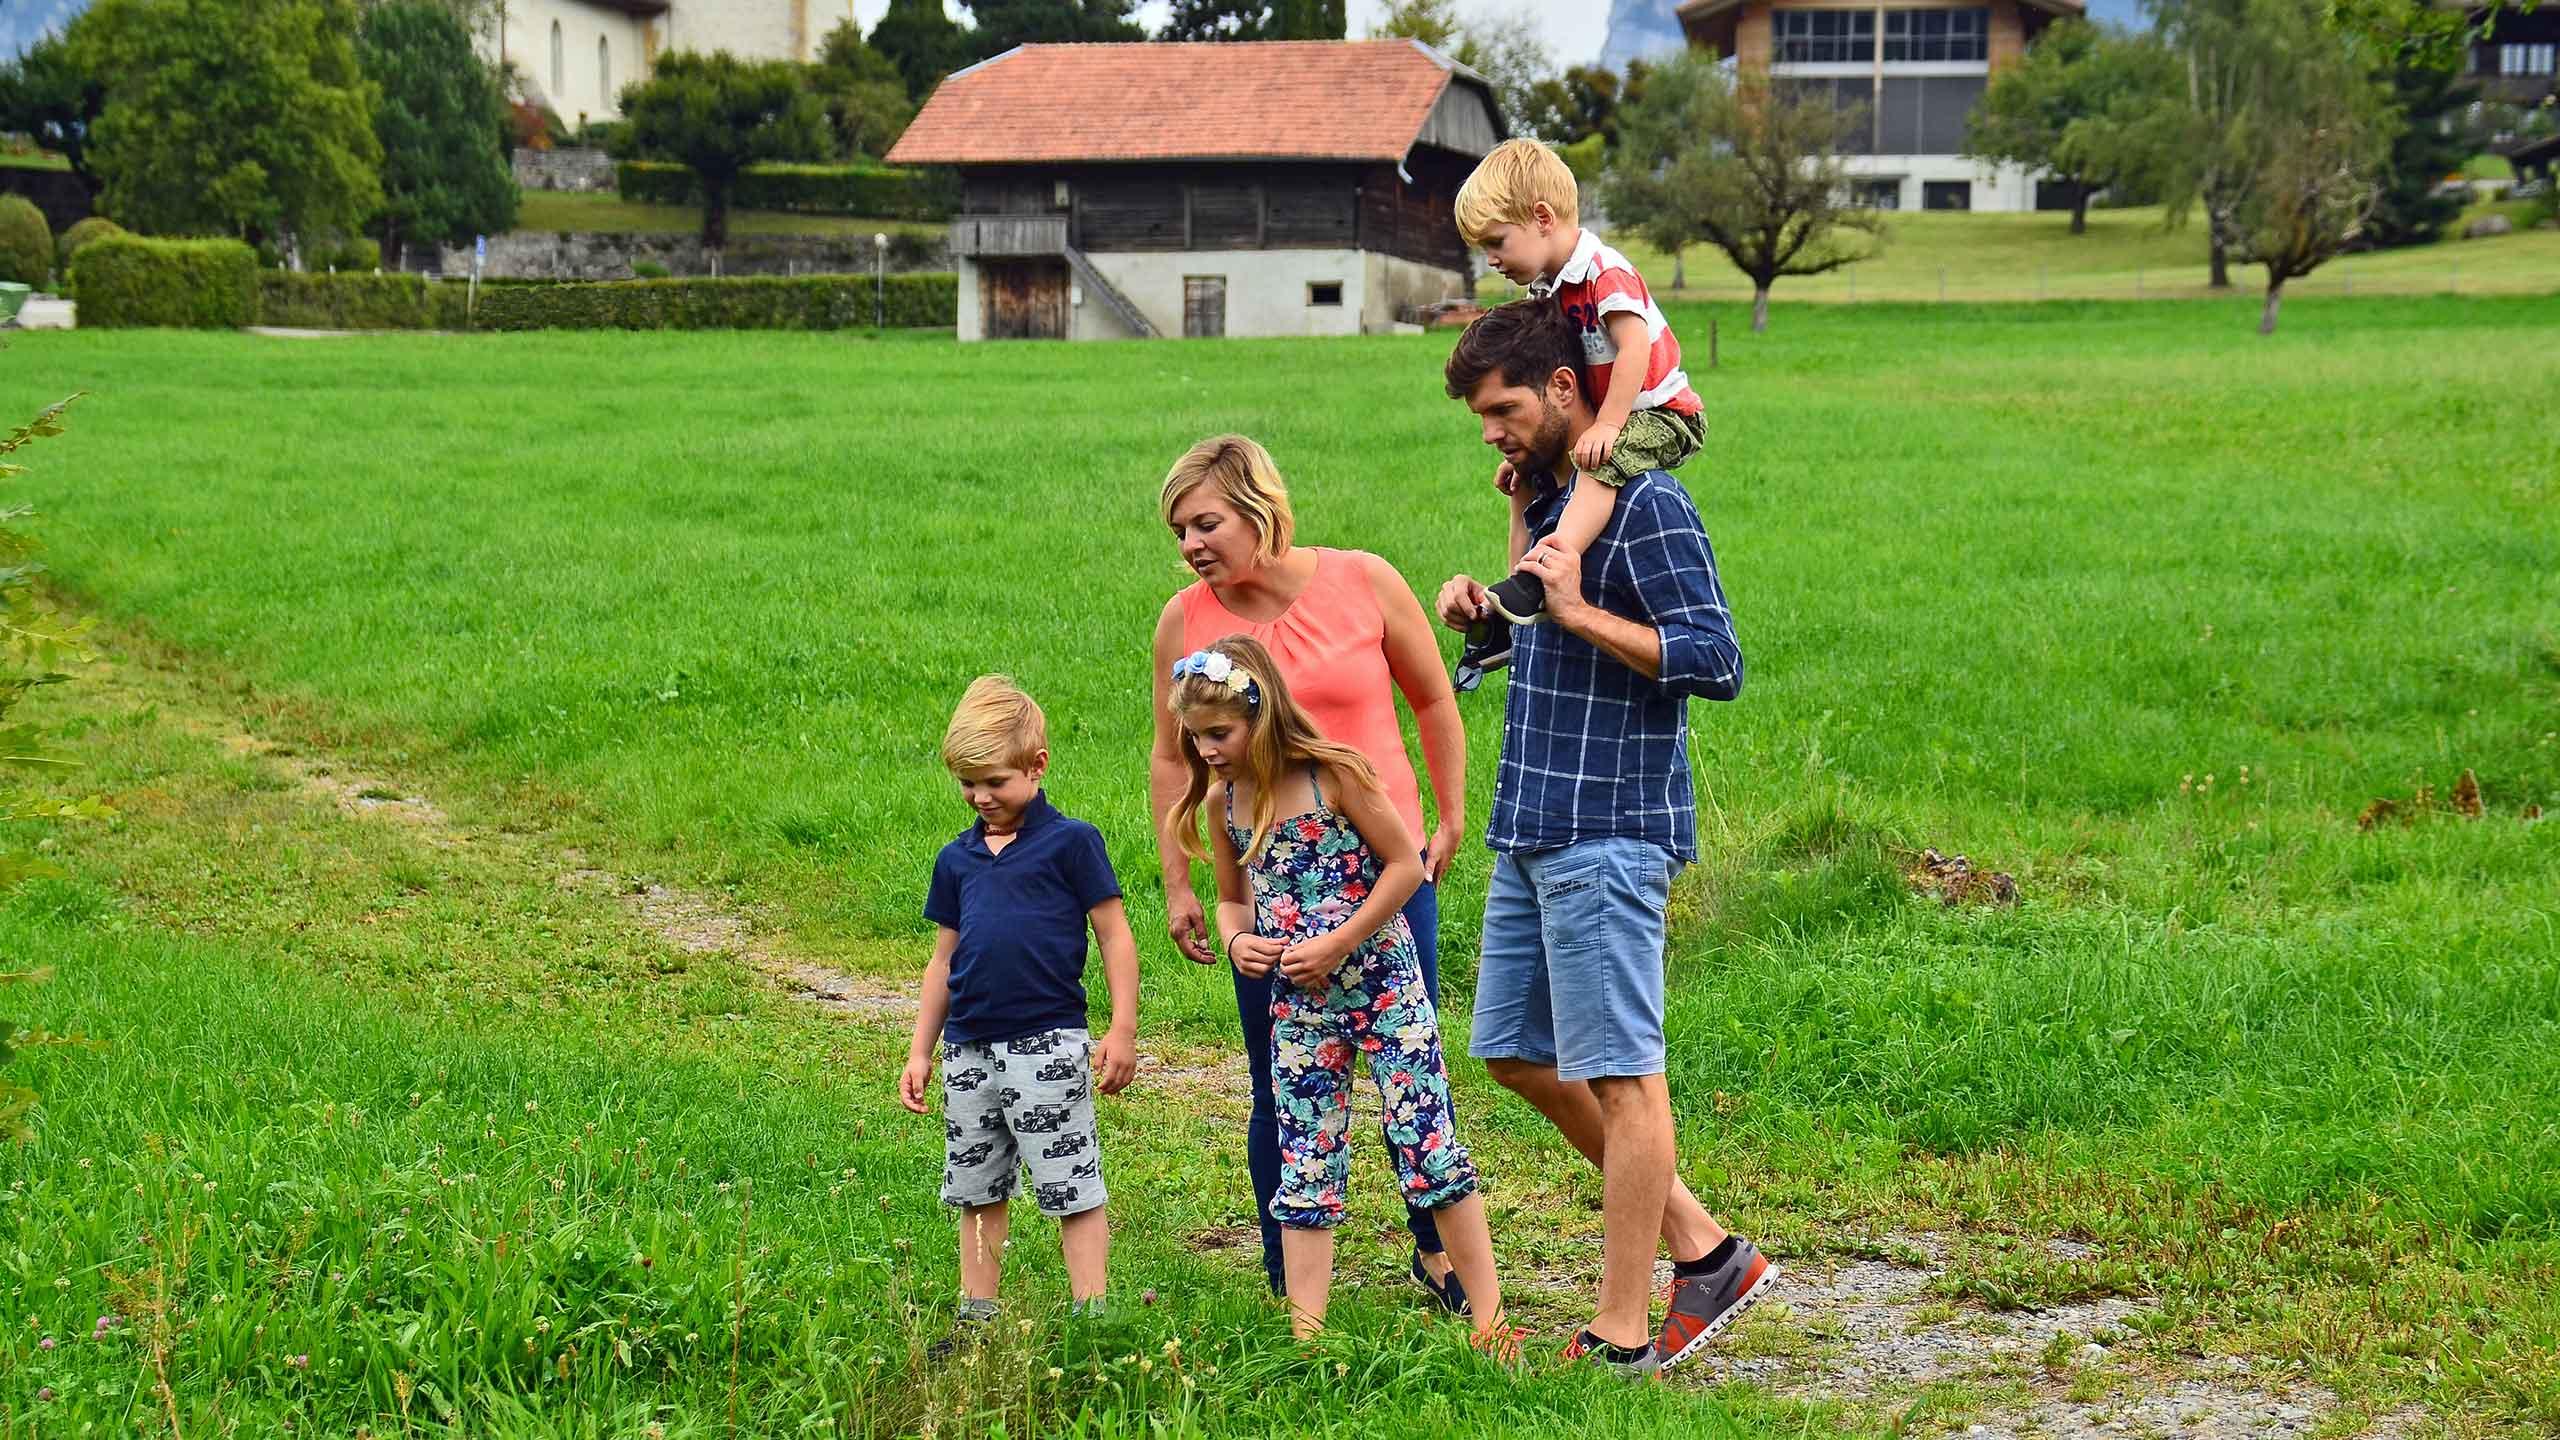 aeschi-schatzsuche-familie-kinder-raetsel-suche.jpg